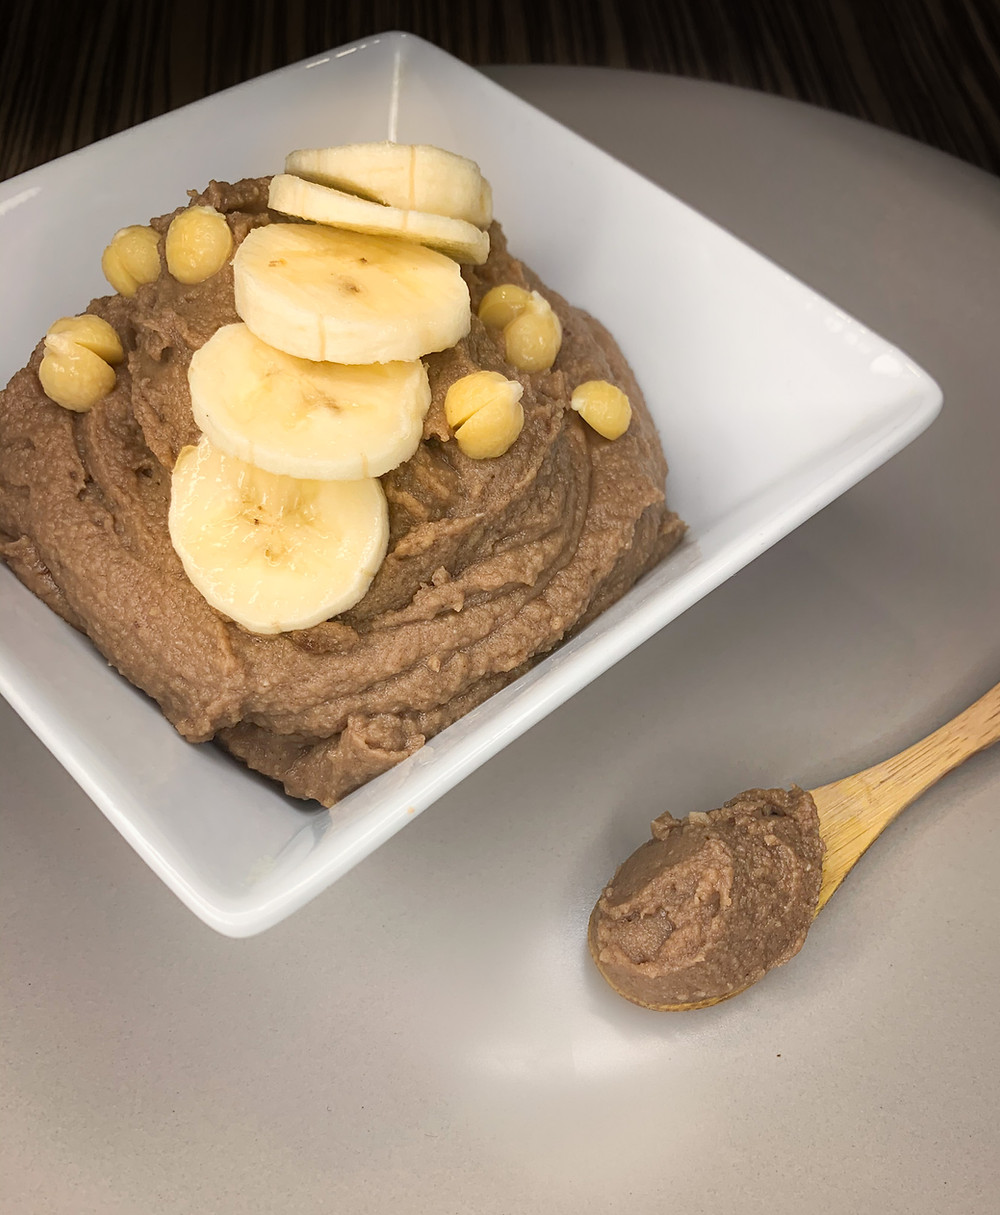 Hummus de plátano y cacao - Nutricionista Online Karina Herrera